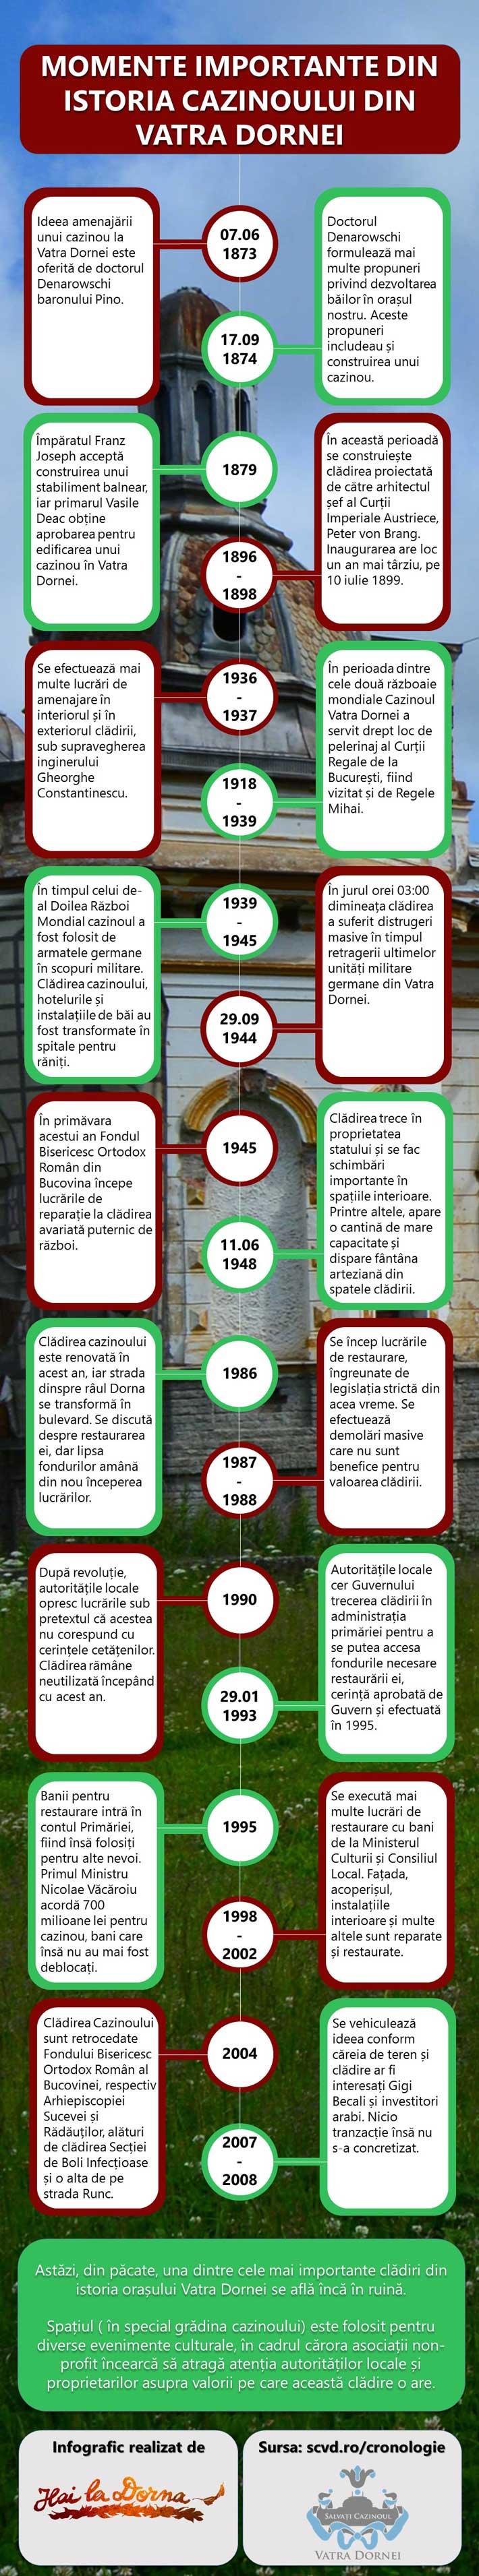 istoria cazinoului din vatra dornei